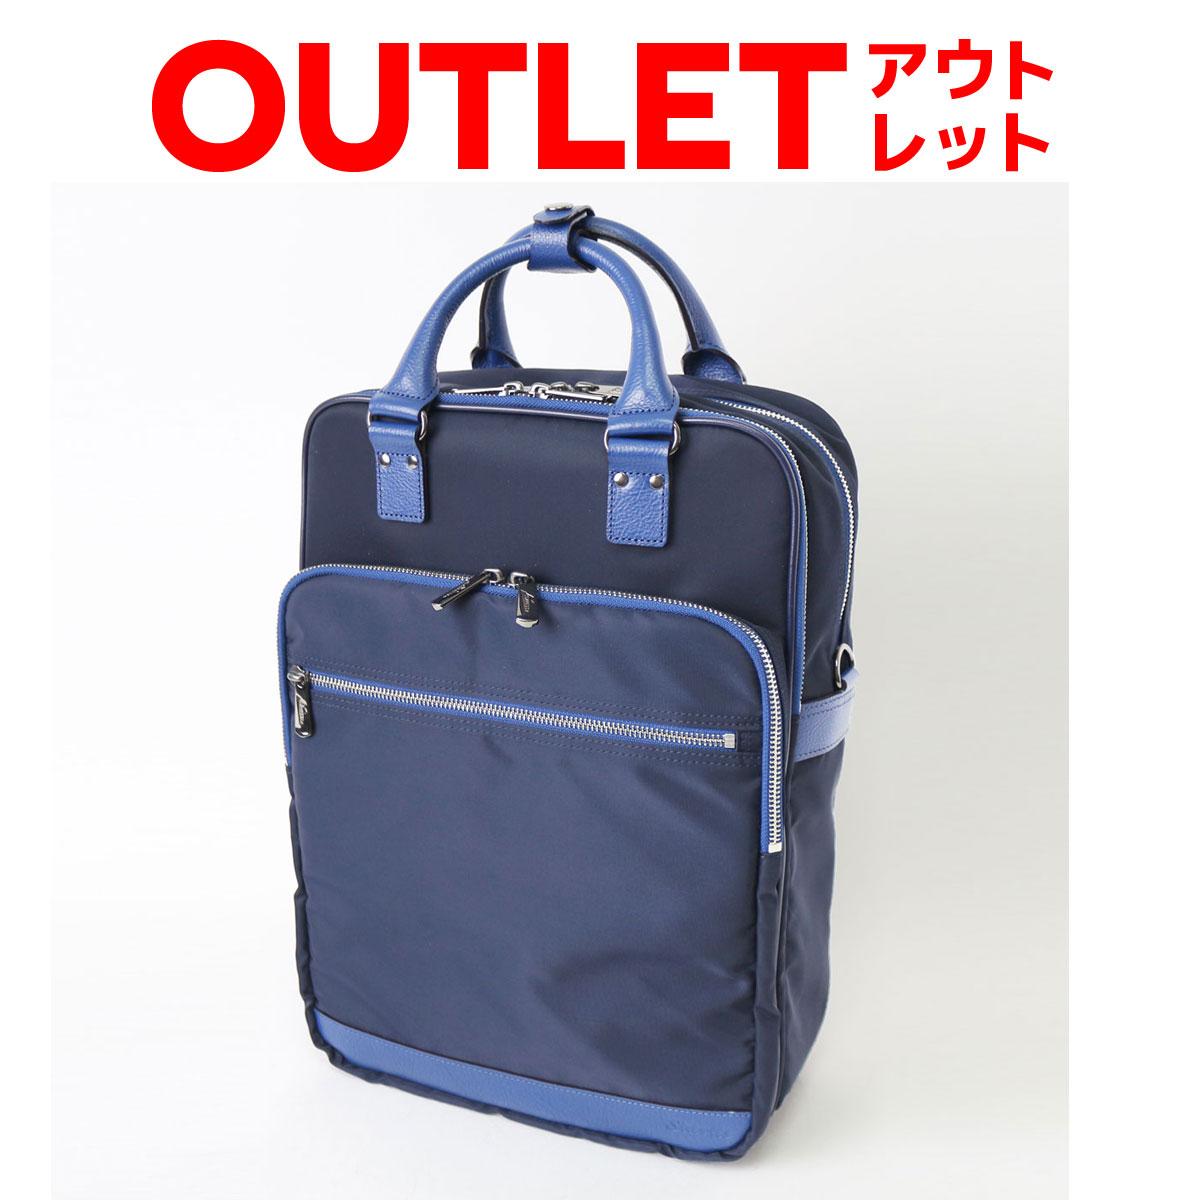 【アウトレット】STARTTS LEOVGRAY(レオビグレイ)メイドインジャパン 日本製×本革 3WAYセットアップブリーフ 縦型【LG-15】